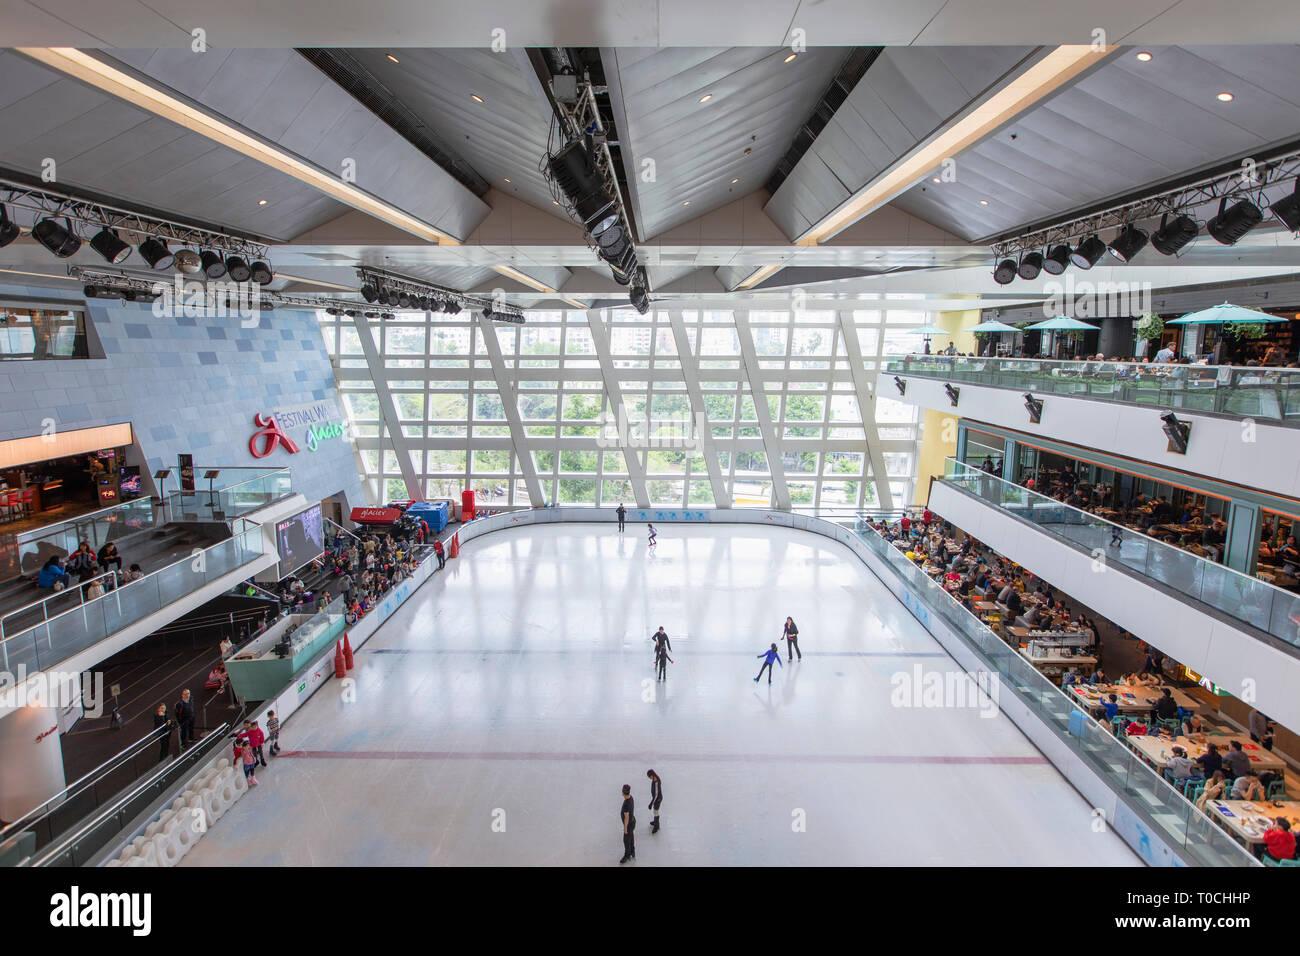 Glacier ice rink in Festival Walk, Kowloon Tong, Kowloon, Hong Kong - Stock Image